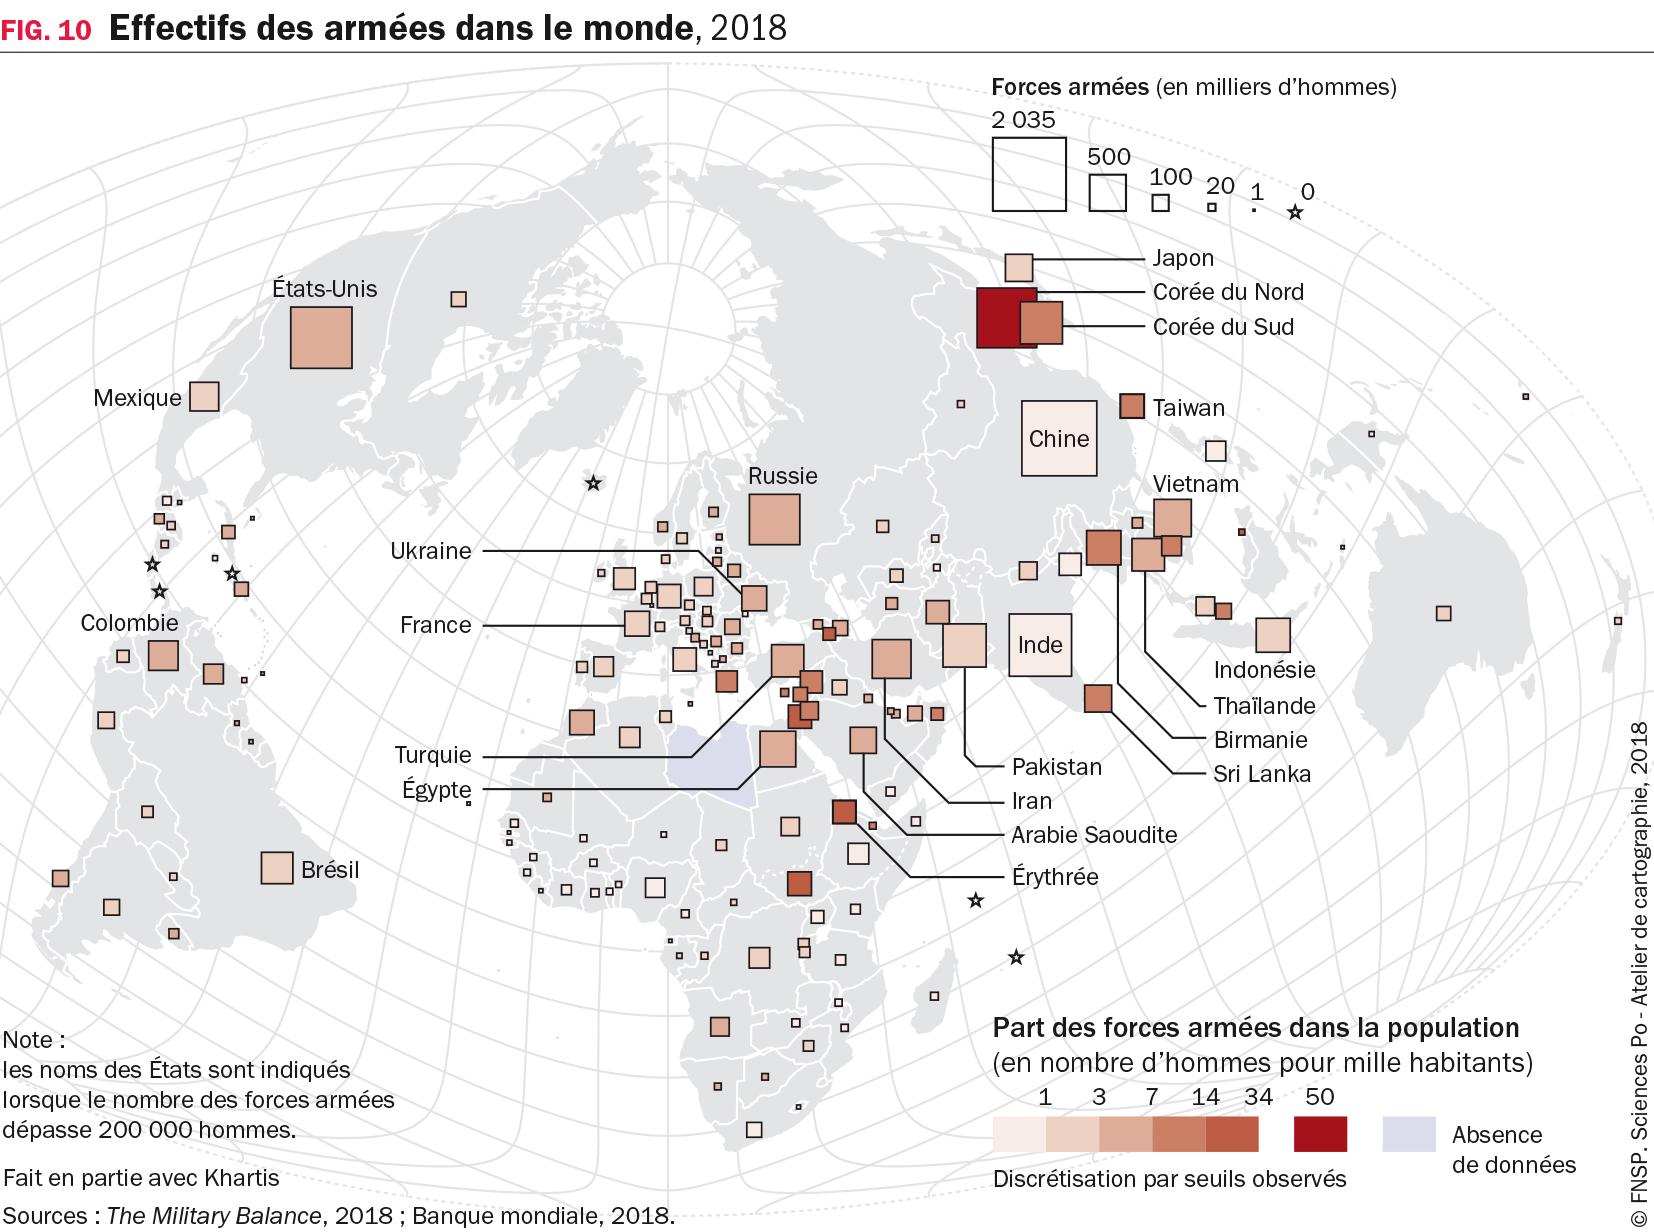 Effectifs des armées dans le monde, 2018